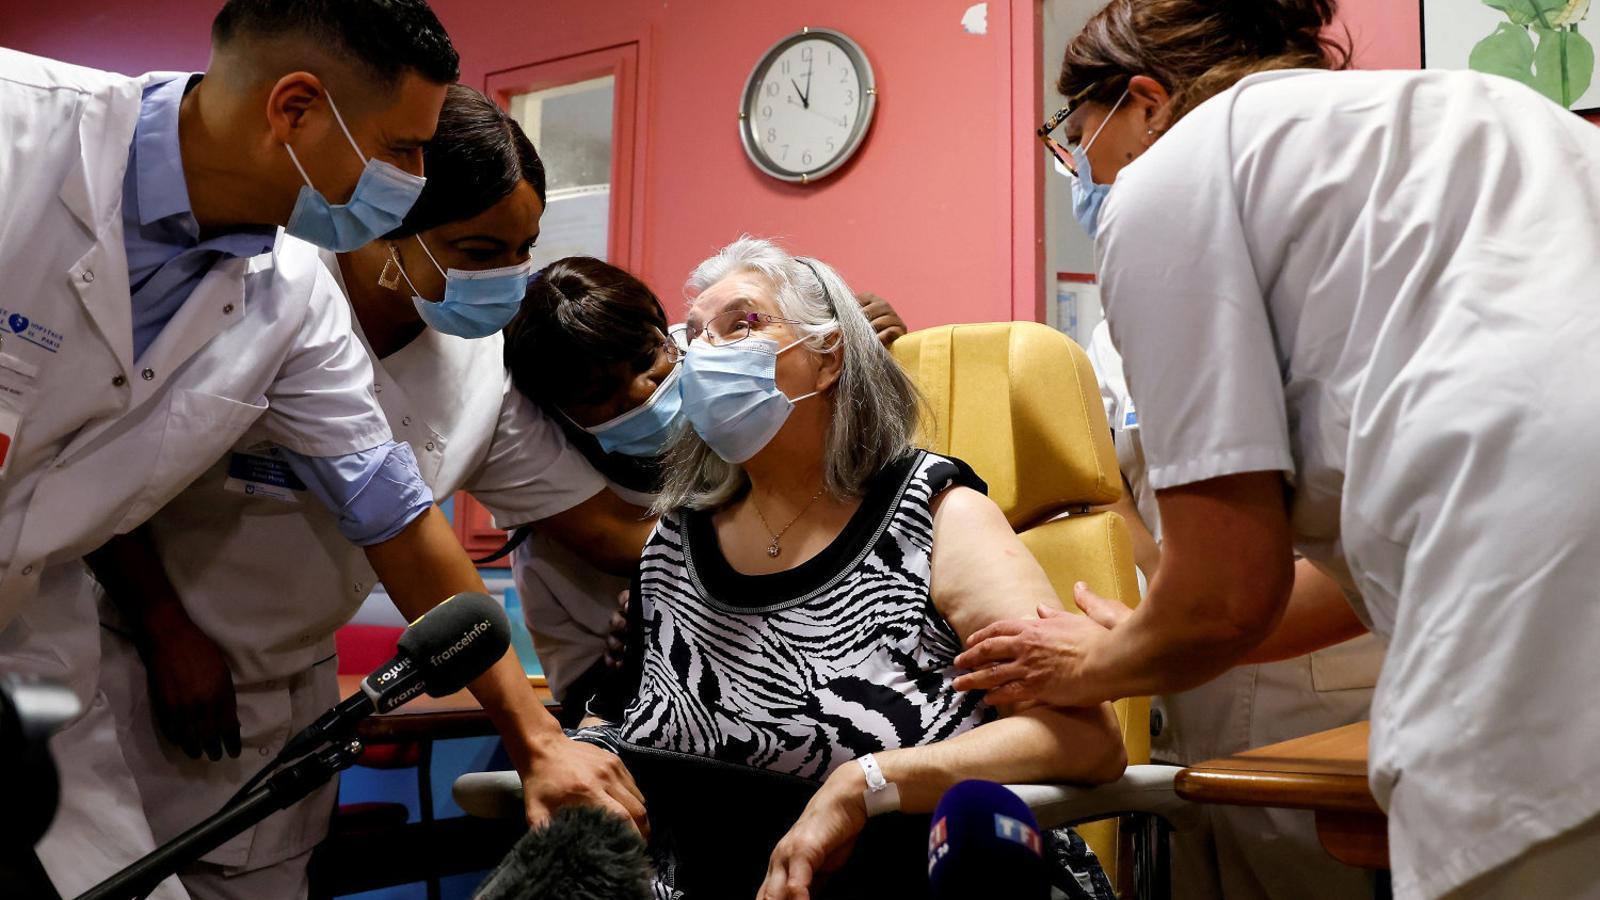 La Mauricette, de 78 anys, en el moment de rebre la primera vacuna contra el covid-19 que s'administrava a França.